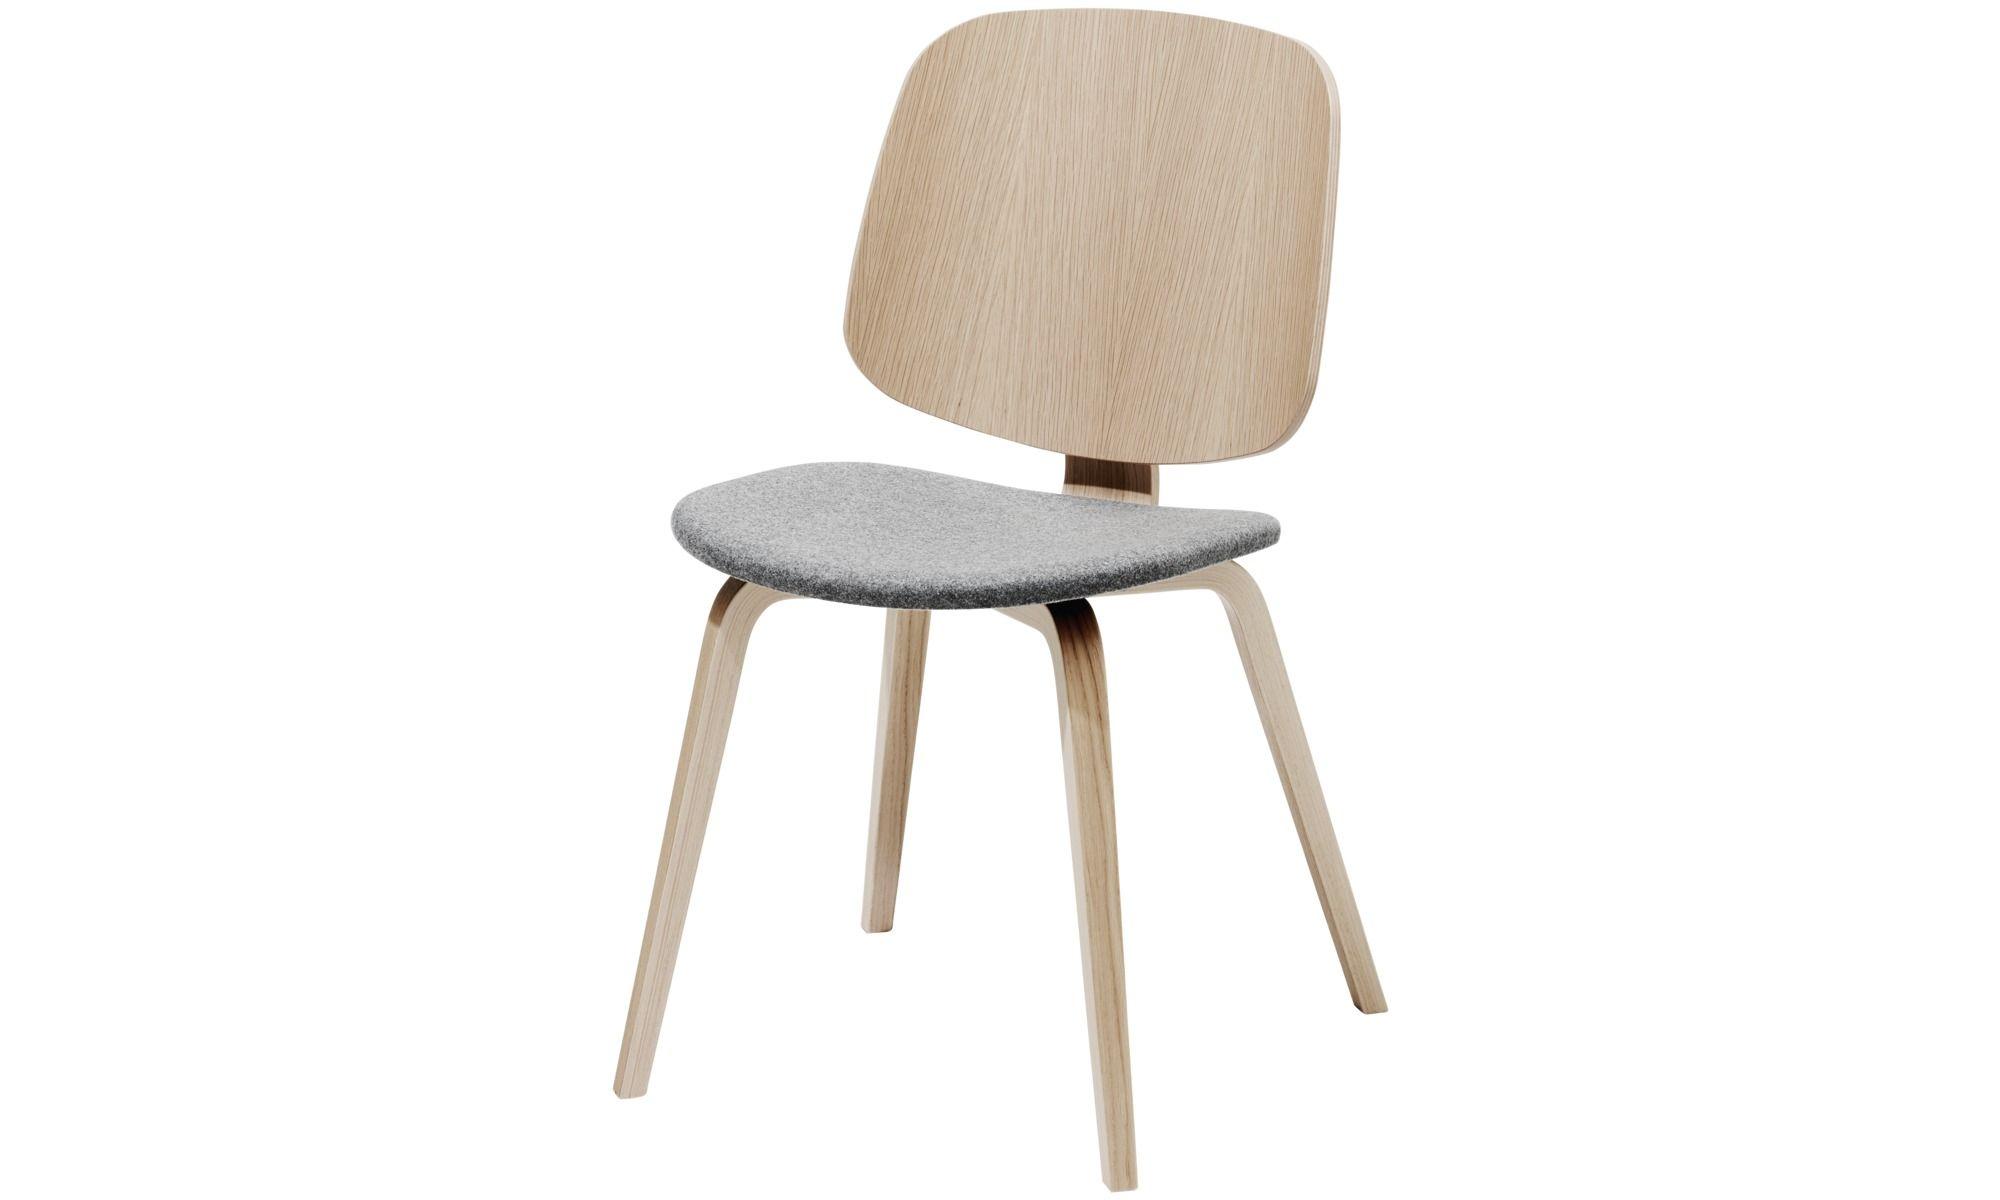 Amüsant Esszimmerstühle Grau Stoff Beste Wahl Esszimmerstühle - Stuhl - -